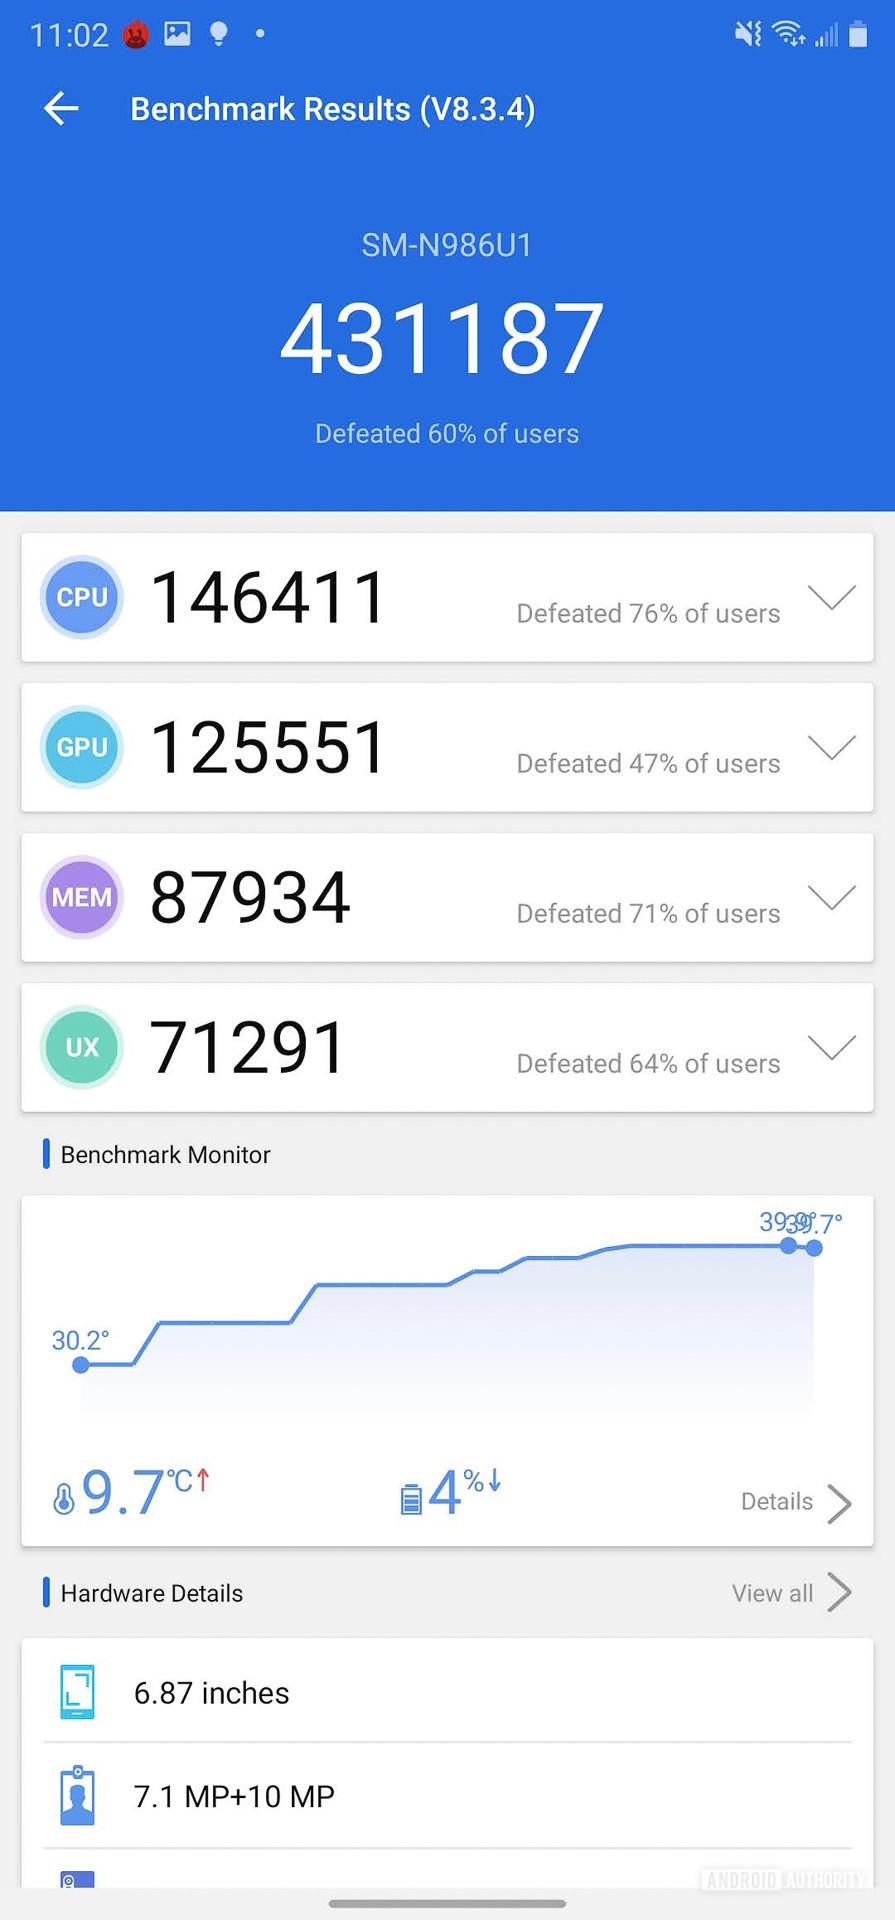 Samsung Galaxy Note 20 Ultra AnTuTu